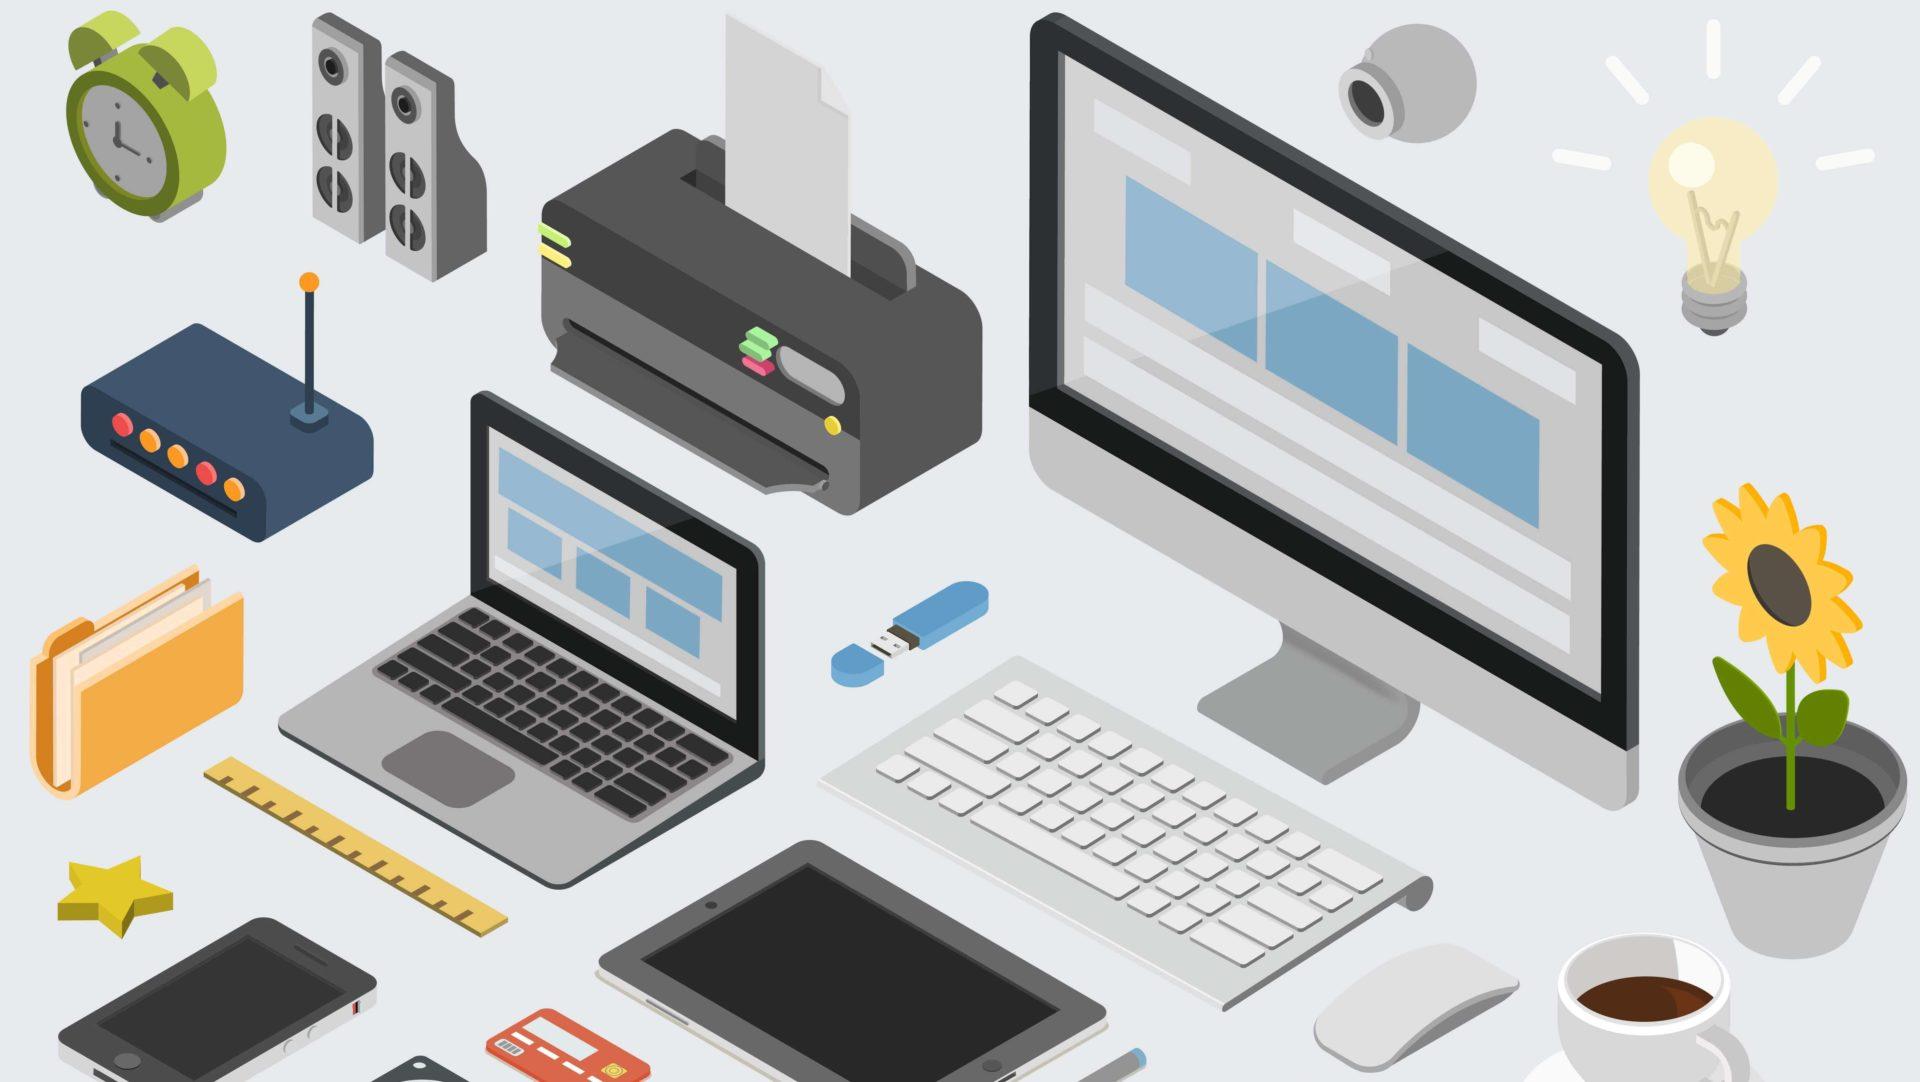 パソコンや周辺機器のイラスト